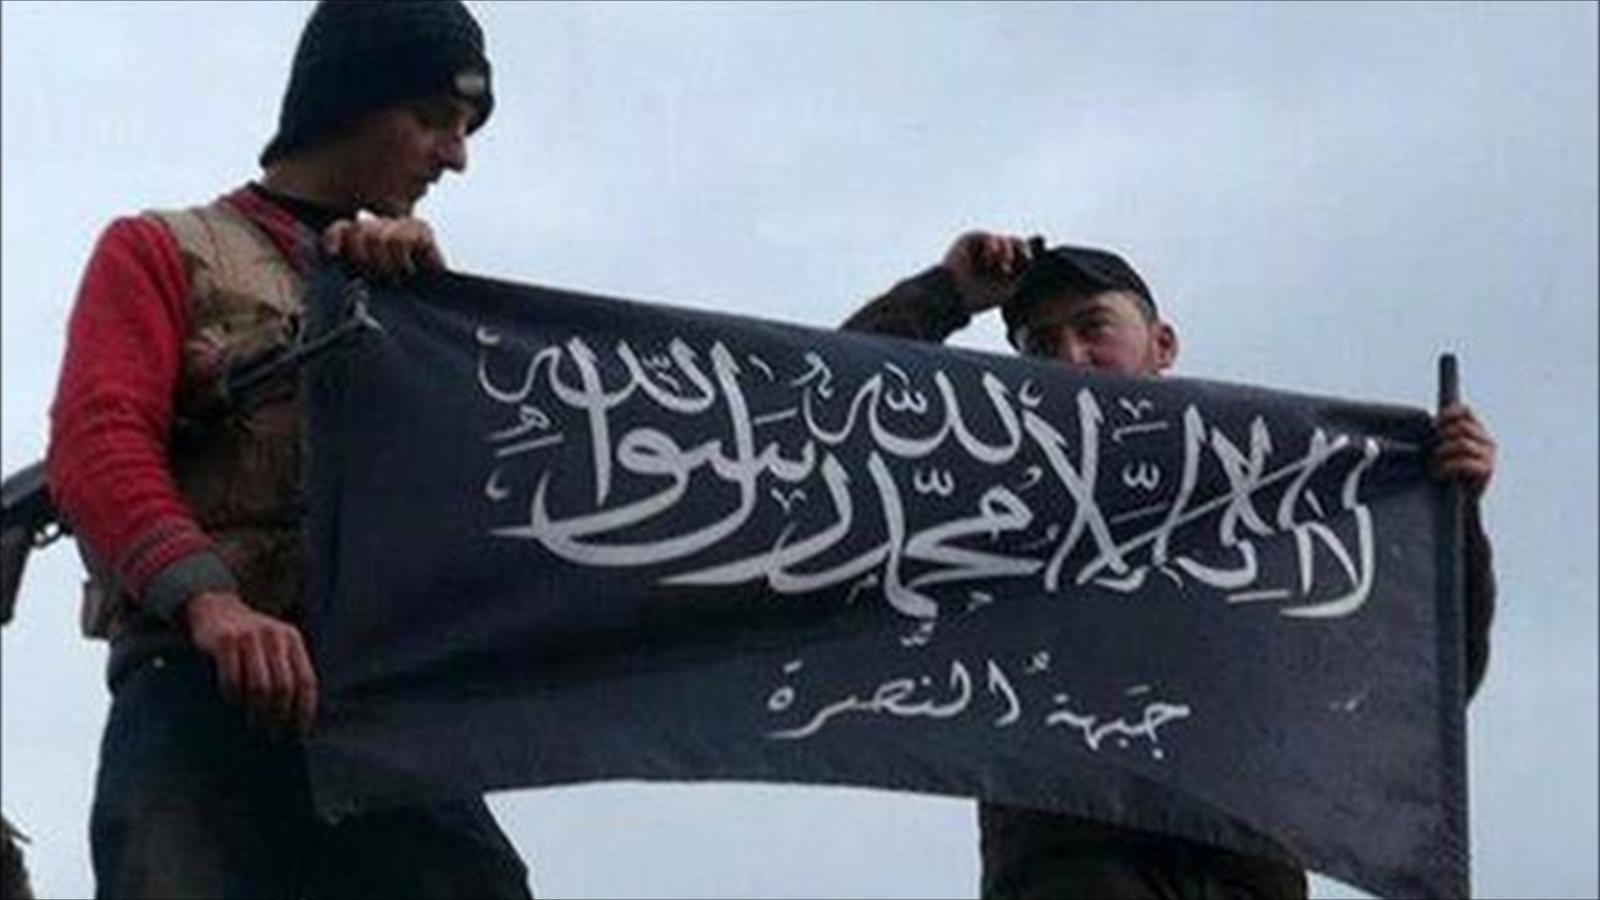 الأمم المتحدة: جبهة النصرة ستبقى على لائحة المنظمات الإرهابية